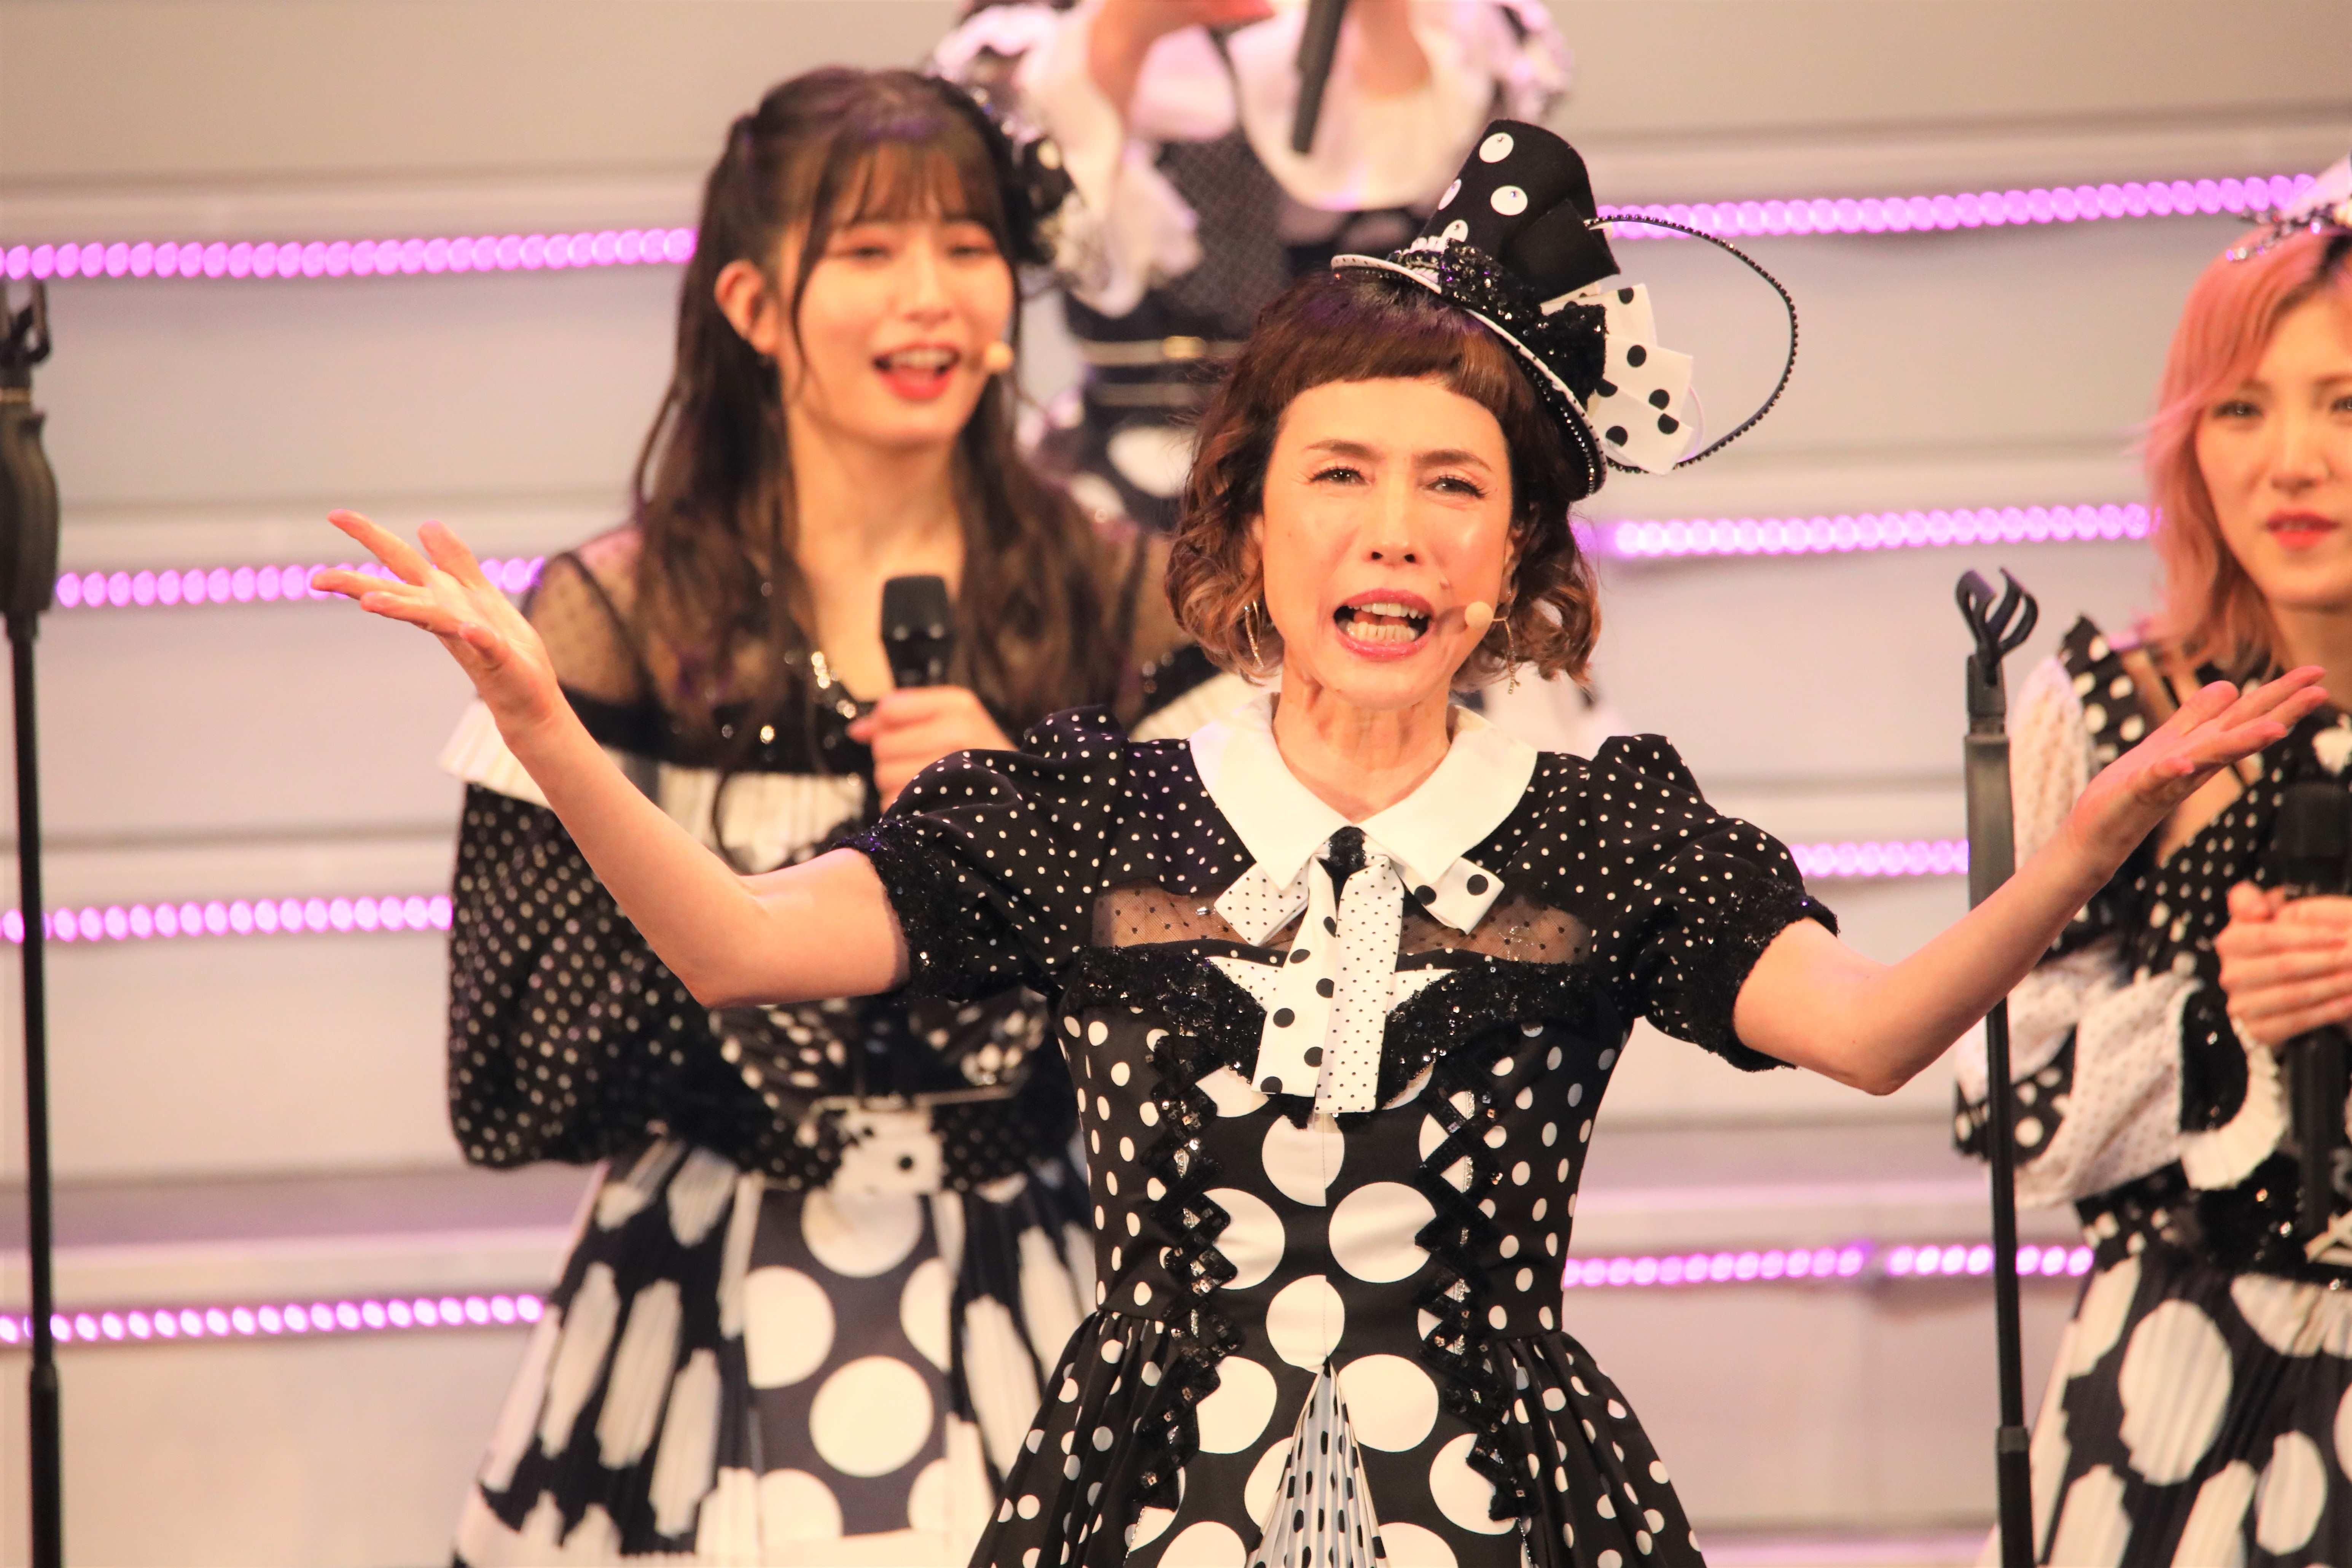 「これ以上、踊ったら、まじで死にます。永眠しちゃいます(笑)」©AKB48 THE AUDISHOW製作委員会  無断アップロード及び転送は一切禁止です。